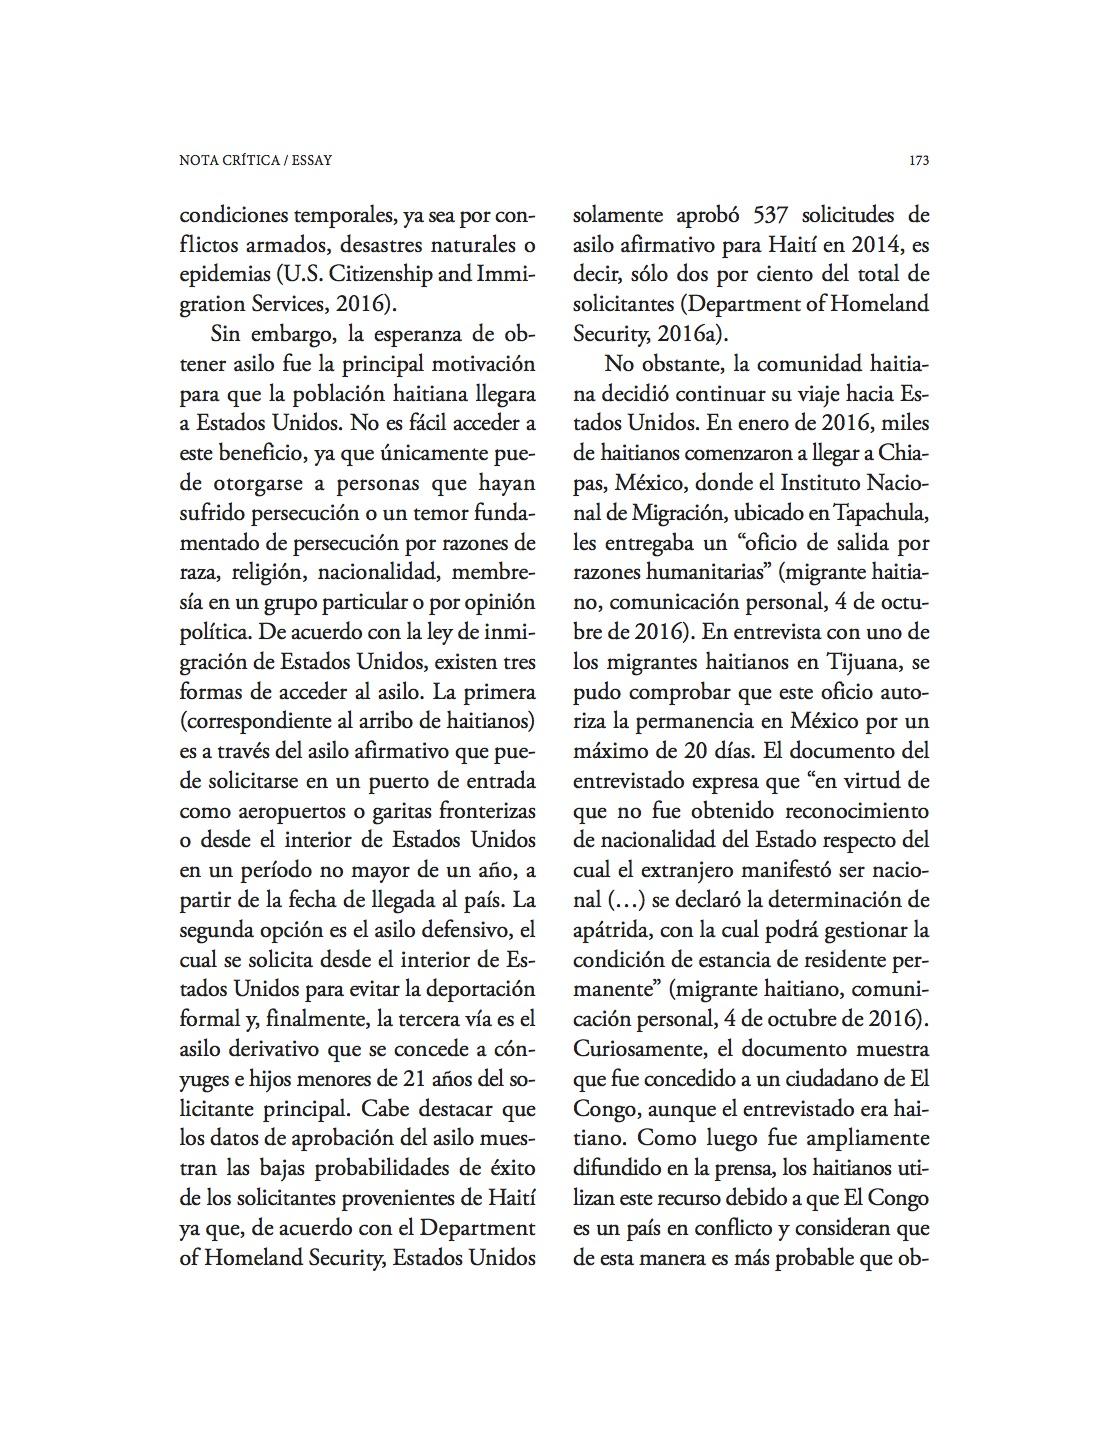 Haitianos en Tijuana - Alarcon y Ortiz FN 2017(3)